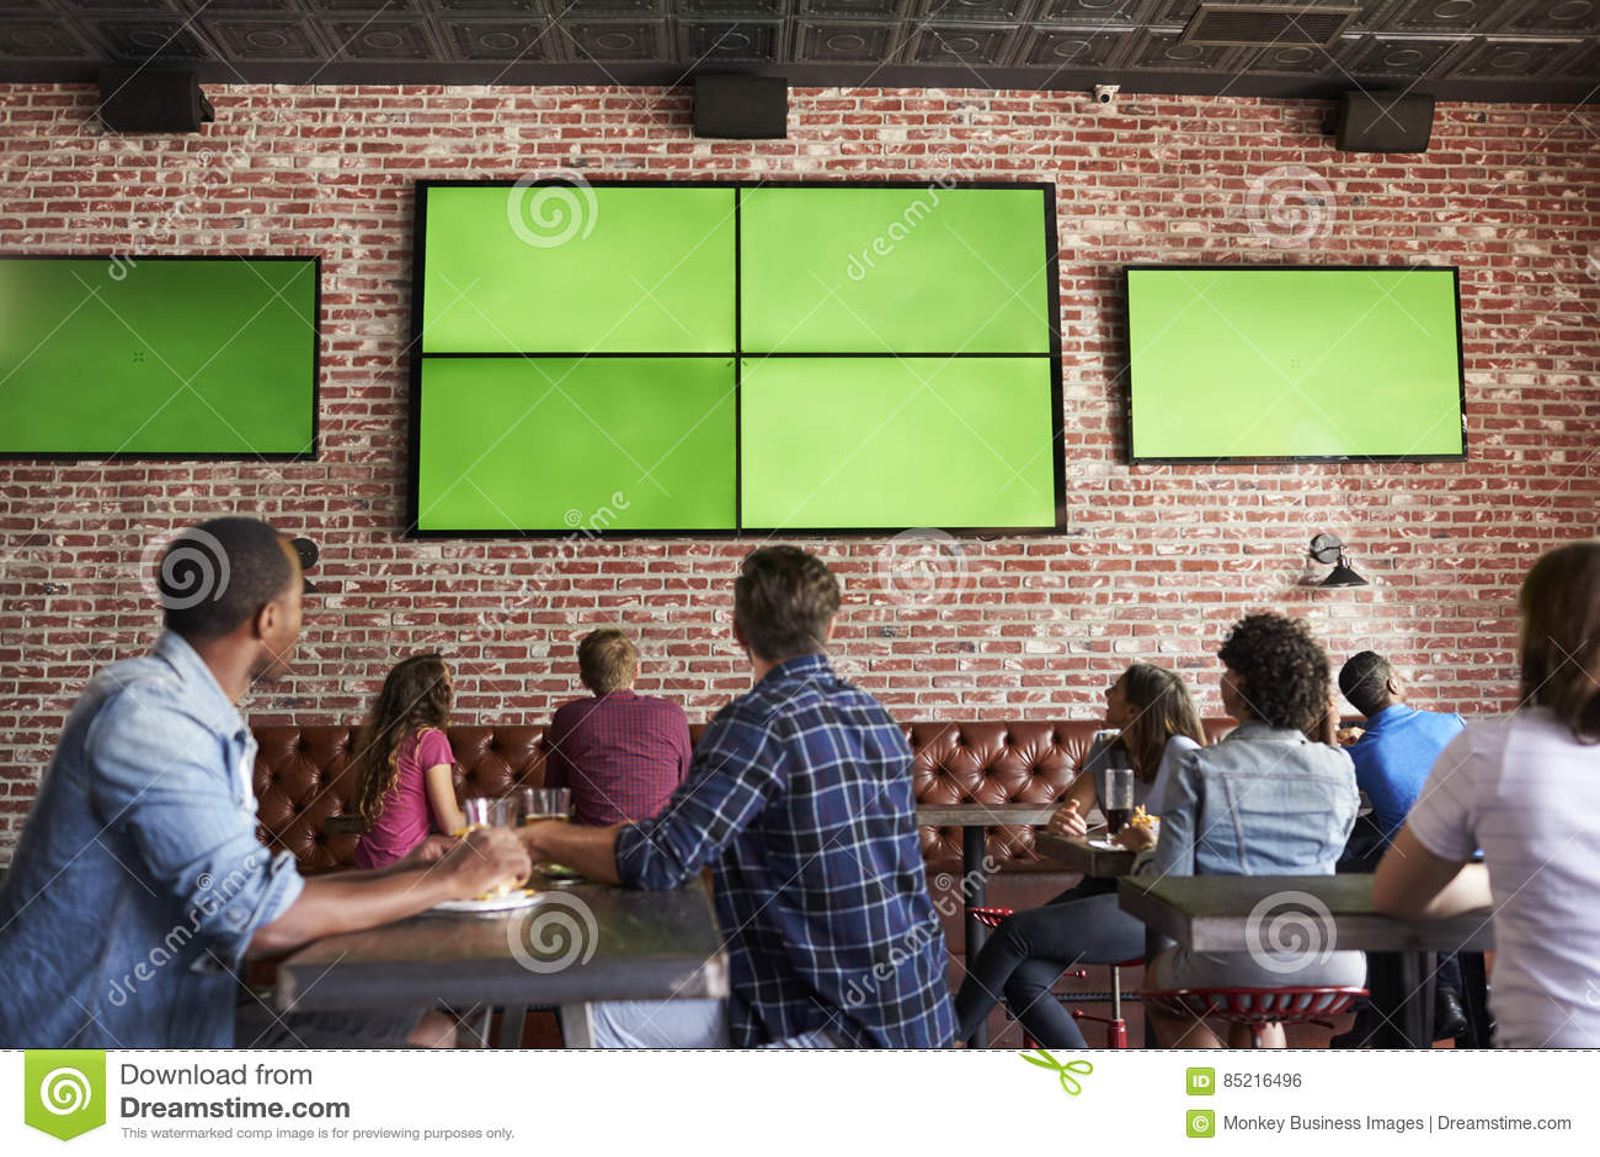 Opinião traseira os amigos que olham o jogo na barra de esportes em telas